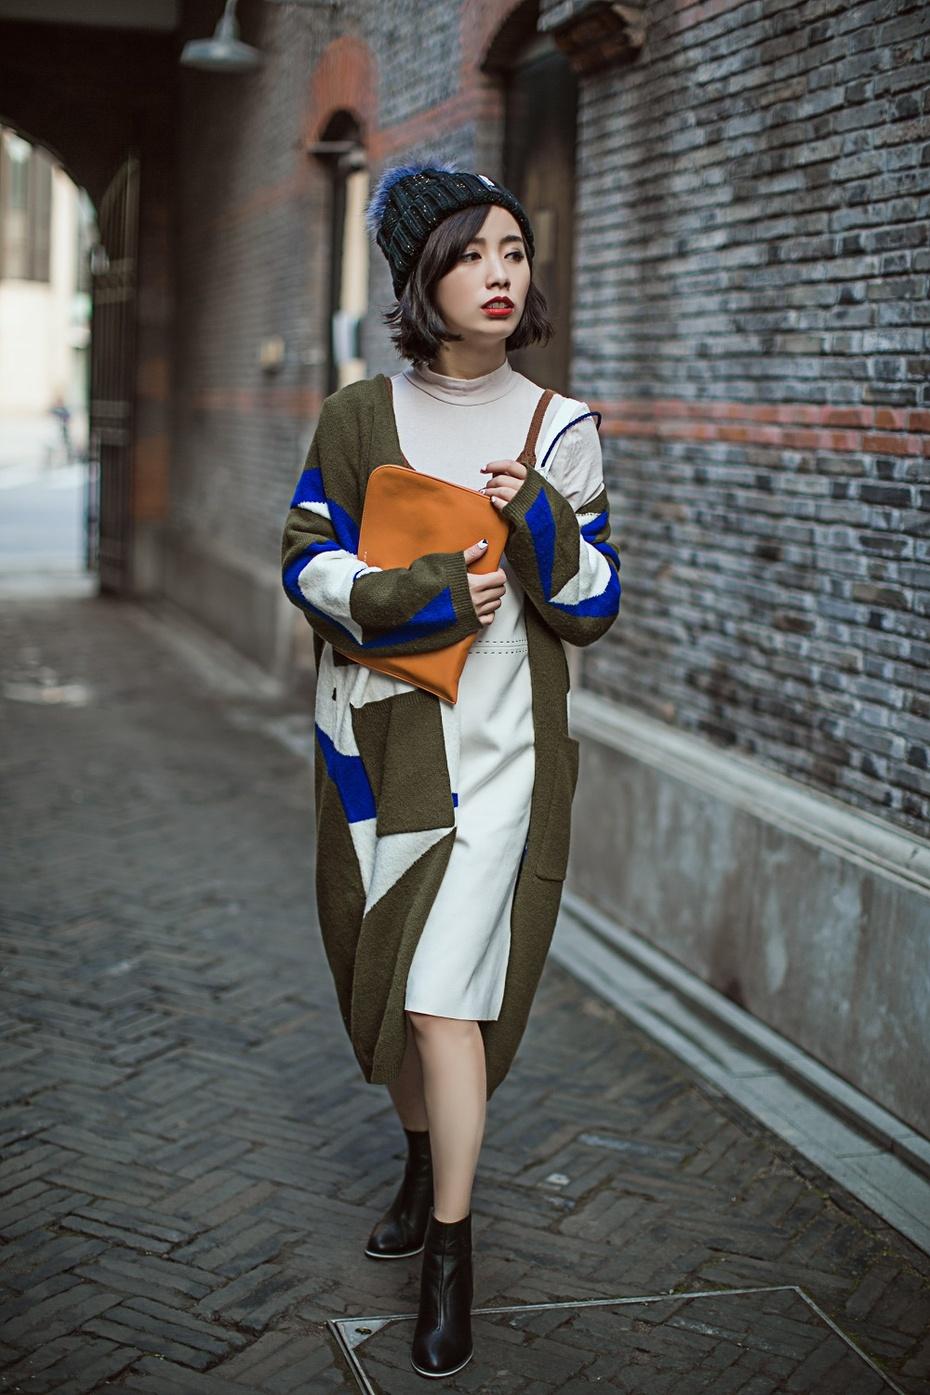 【妮儿の私服日记】教你怎么巧借撞色来减龄 - Nikki妮儿 - Nikkis Fashion Blog